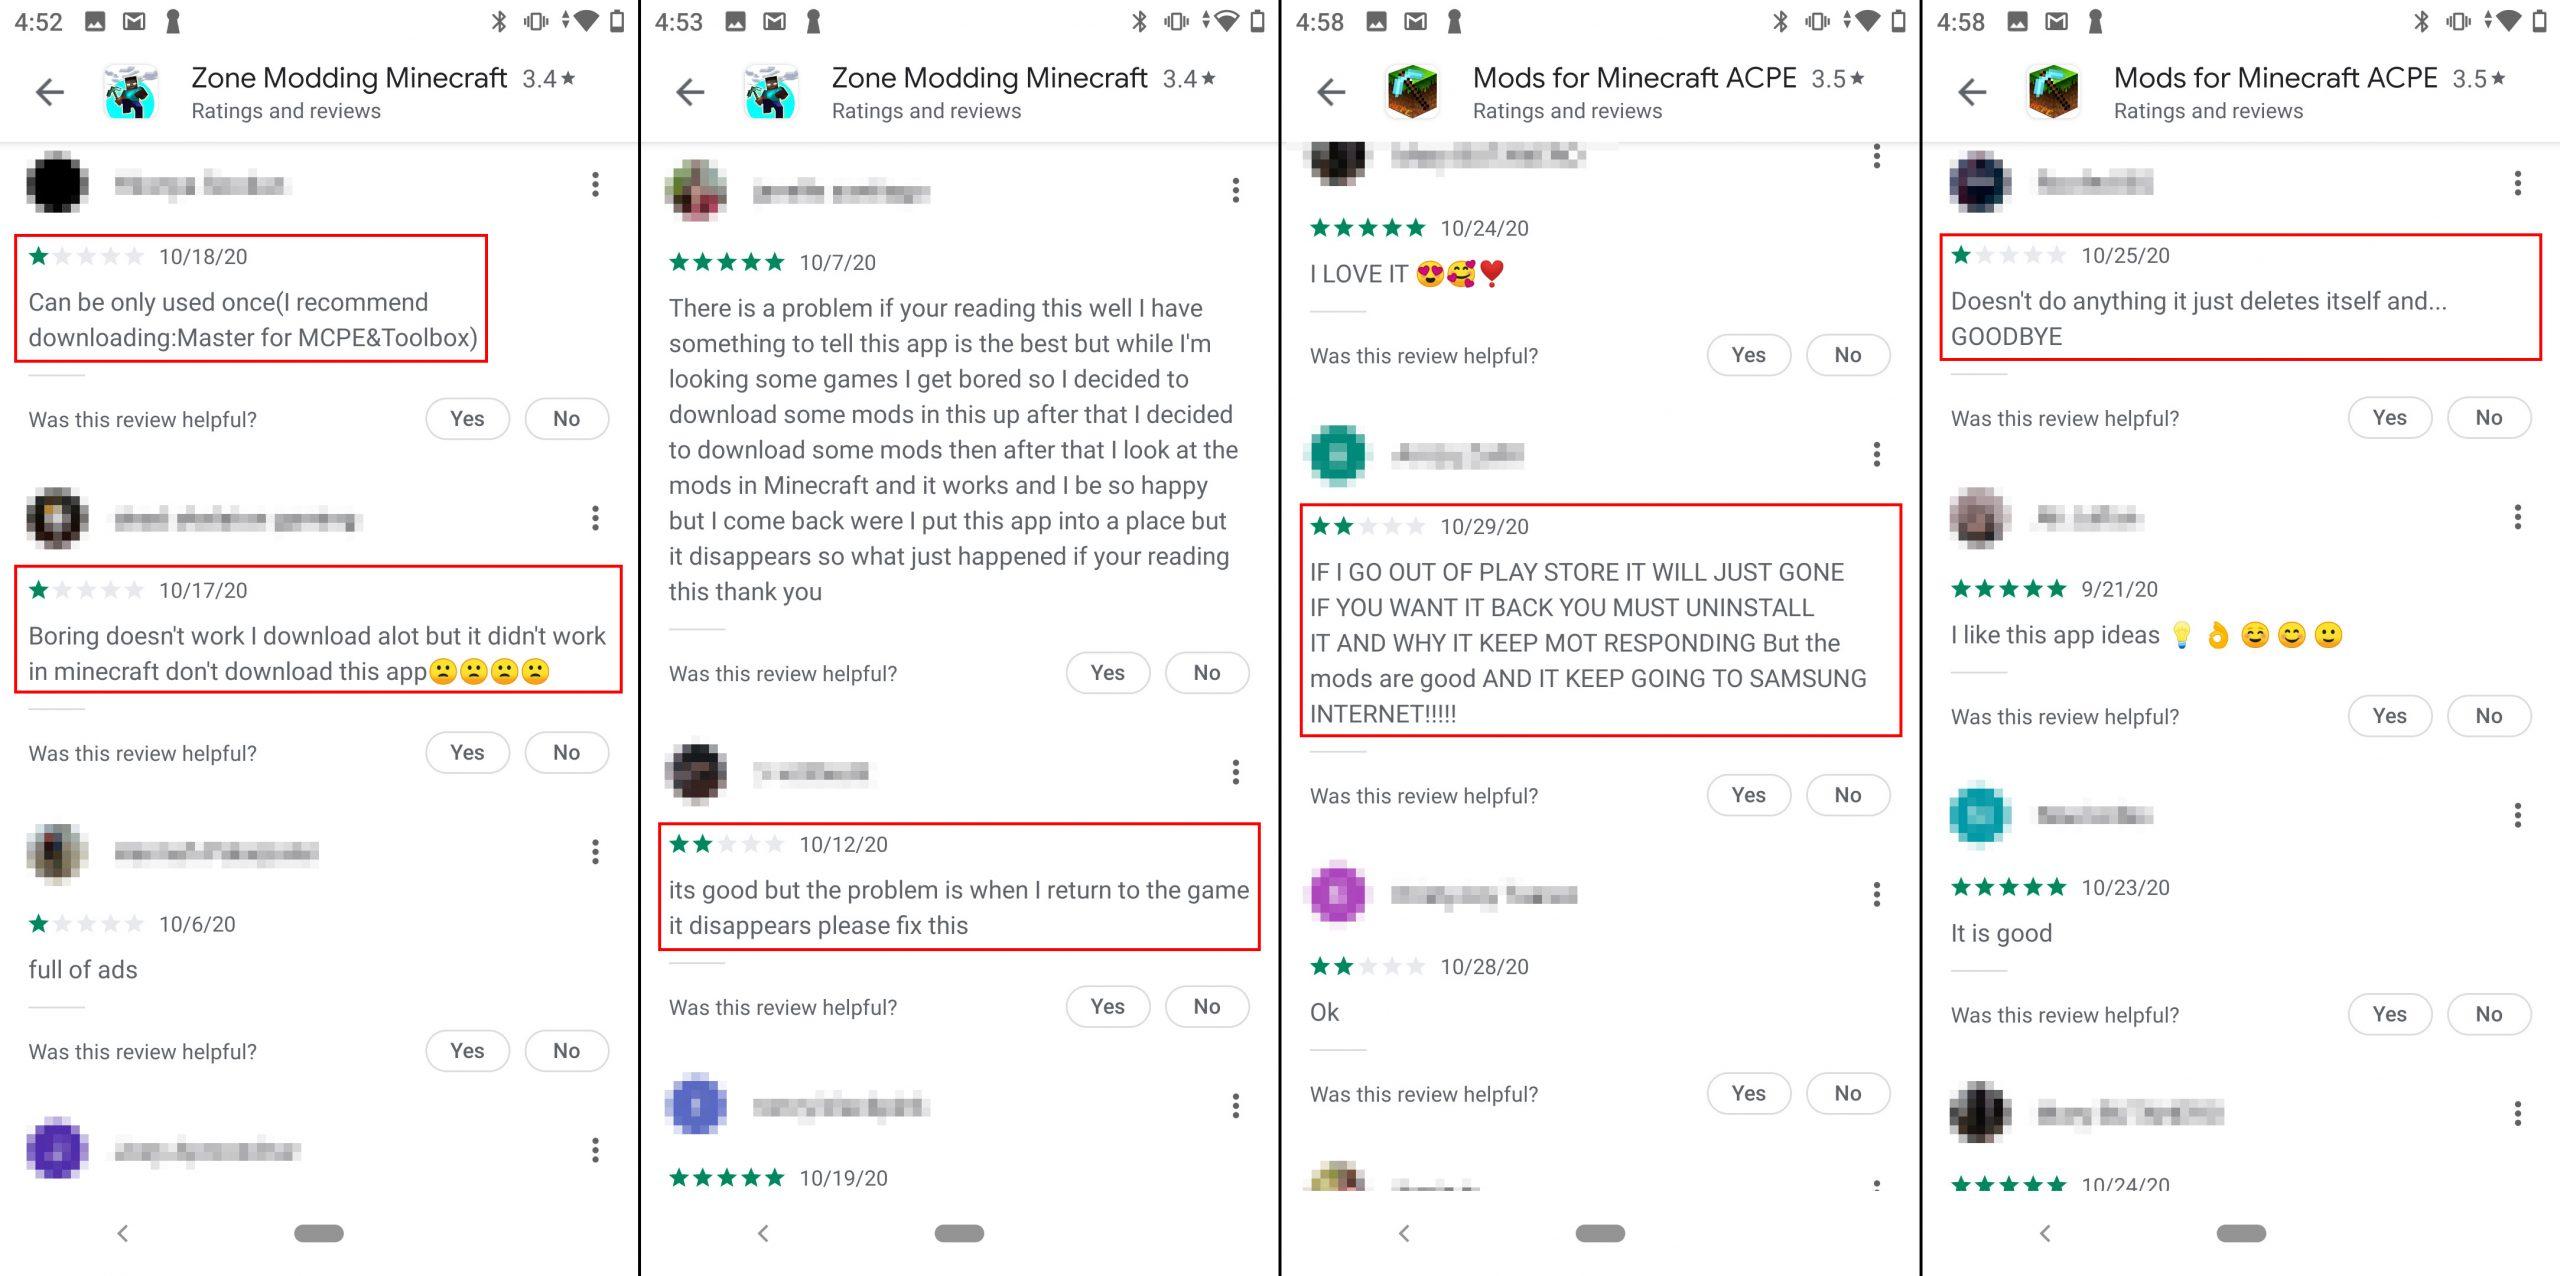 Пользователи жалуются, что приложение не работает и